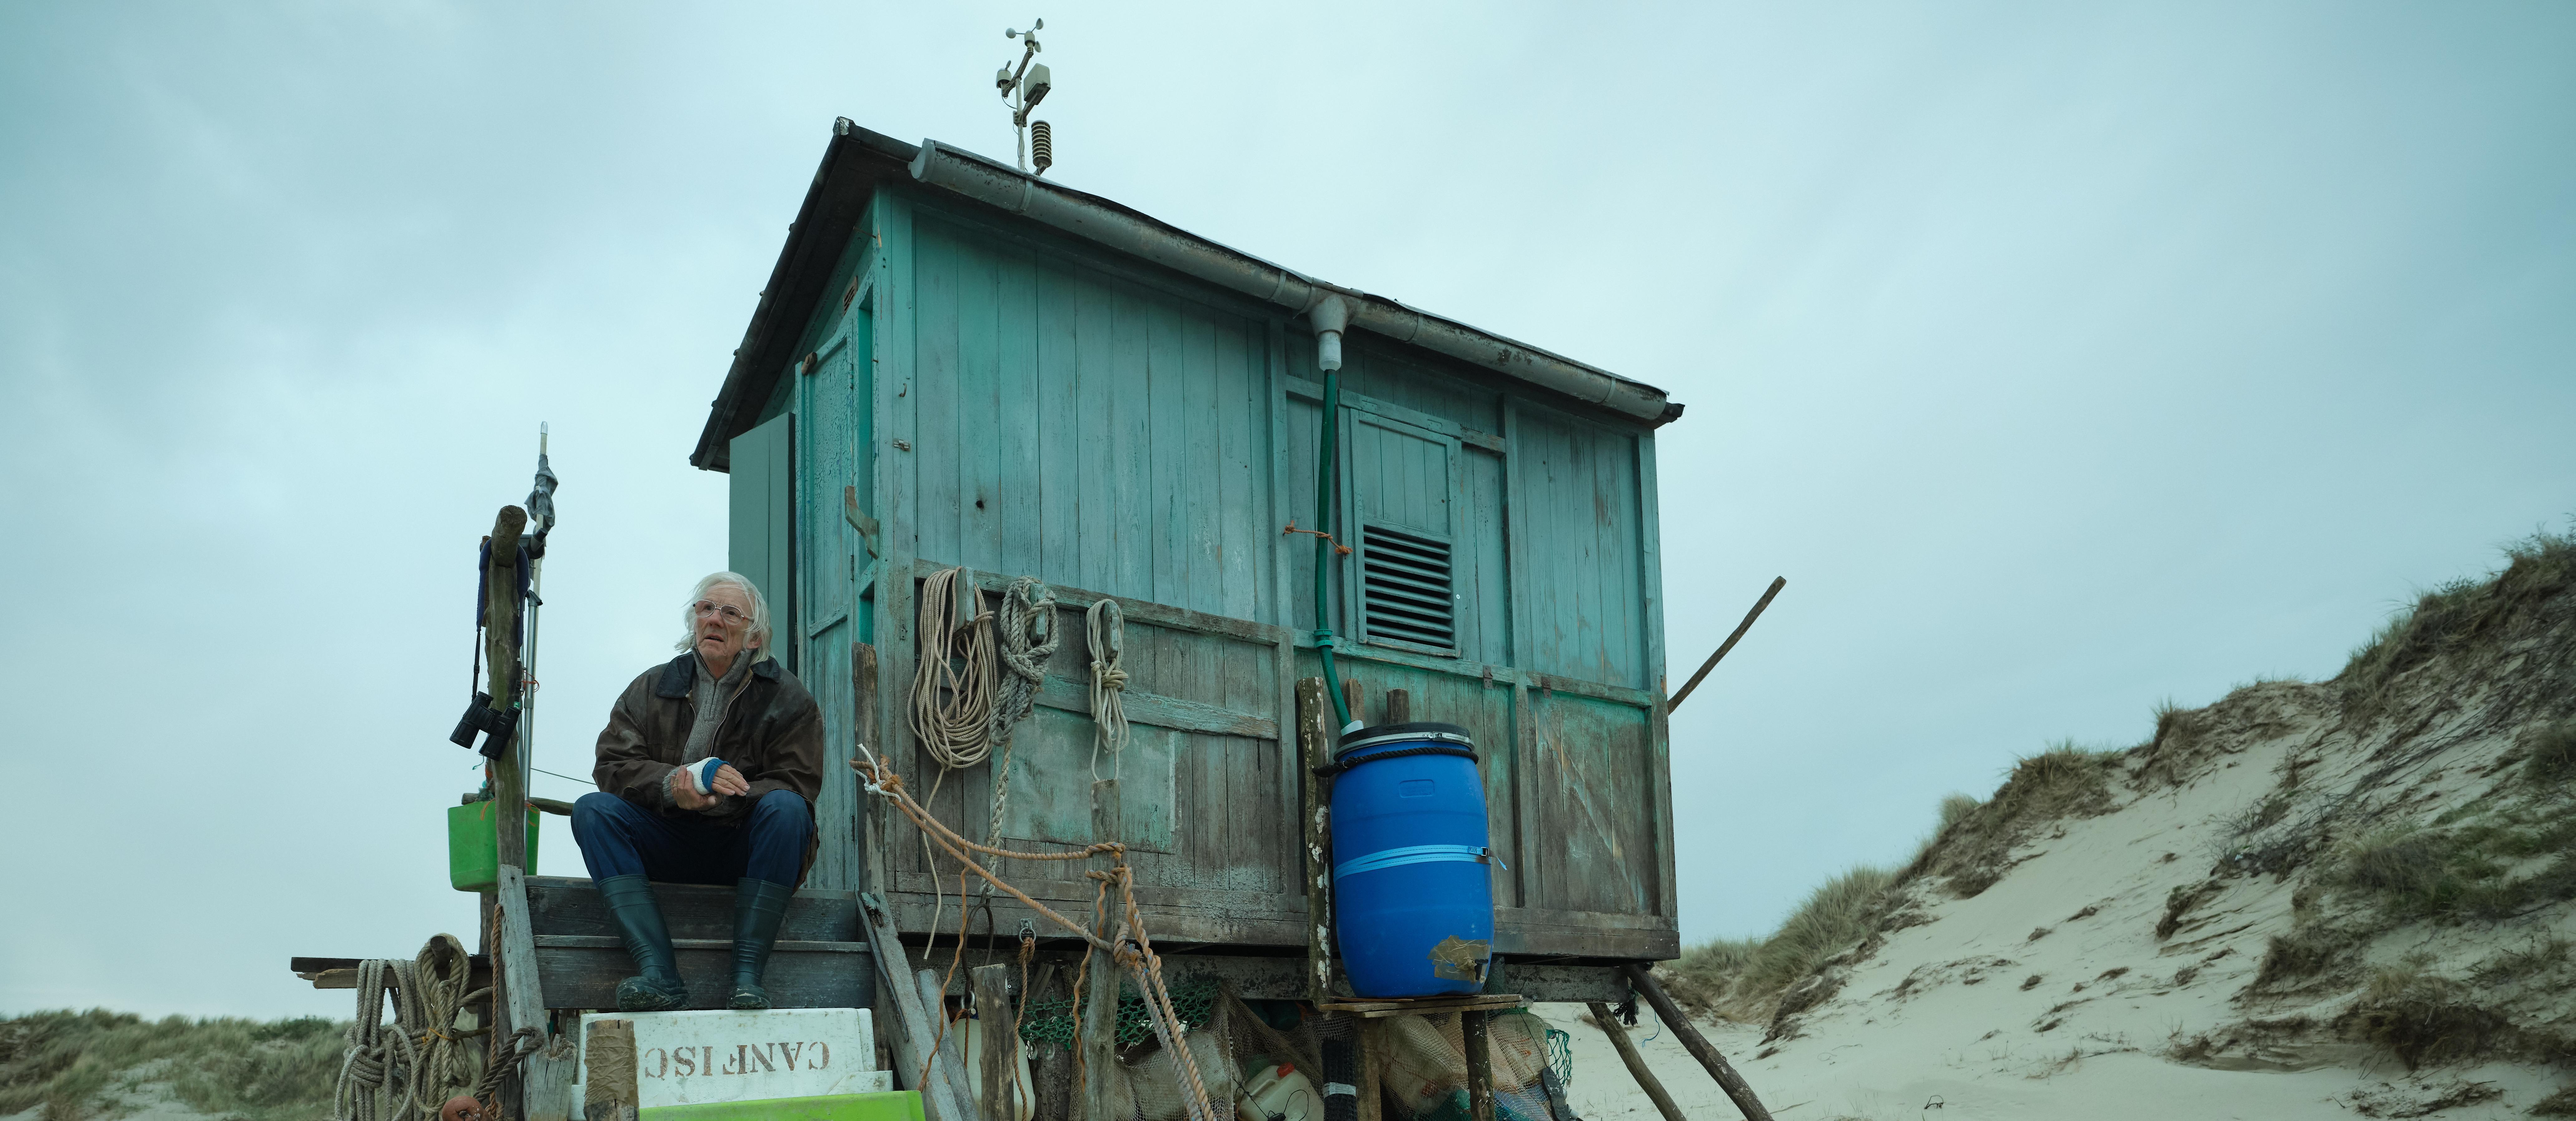 Filmrecensie 'De vogelwachter': Liefdevol verhaal in een sprookjesachtige setting